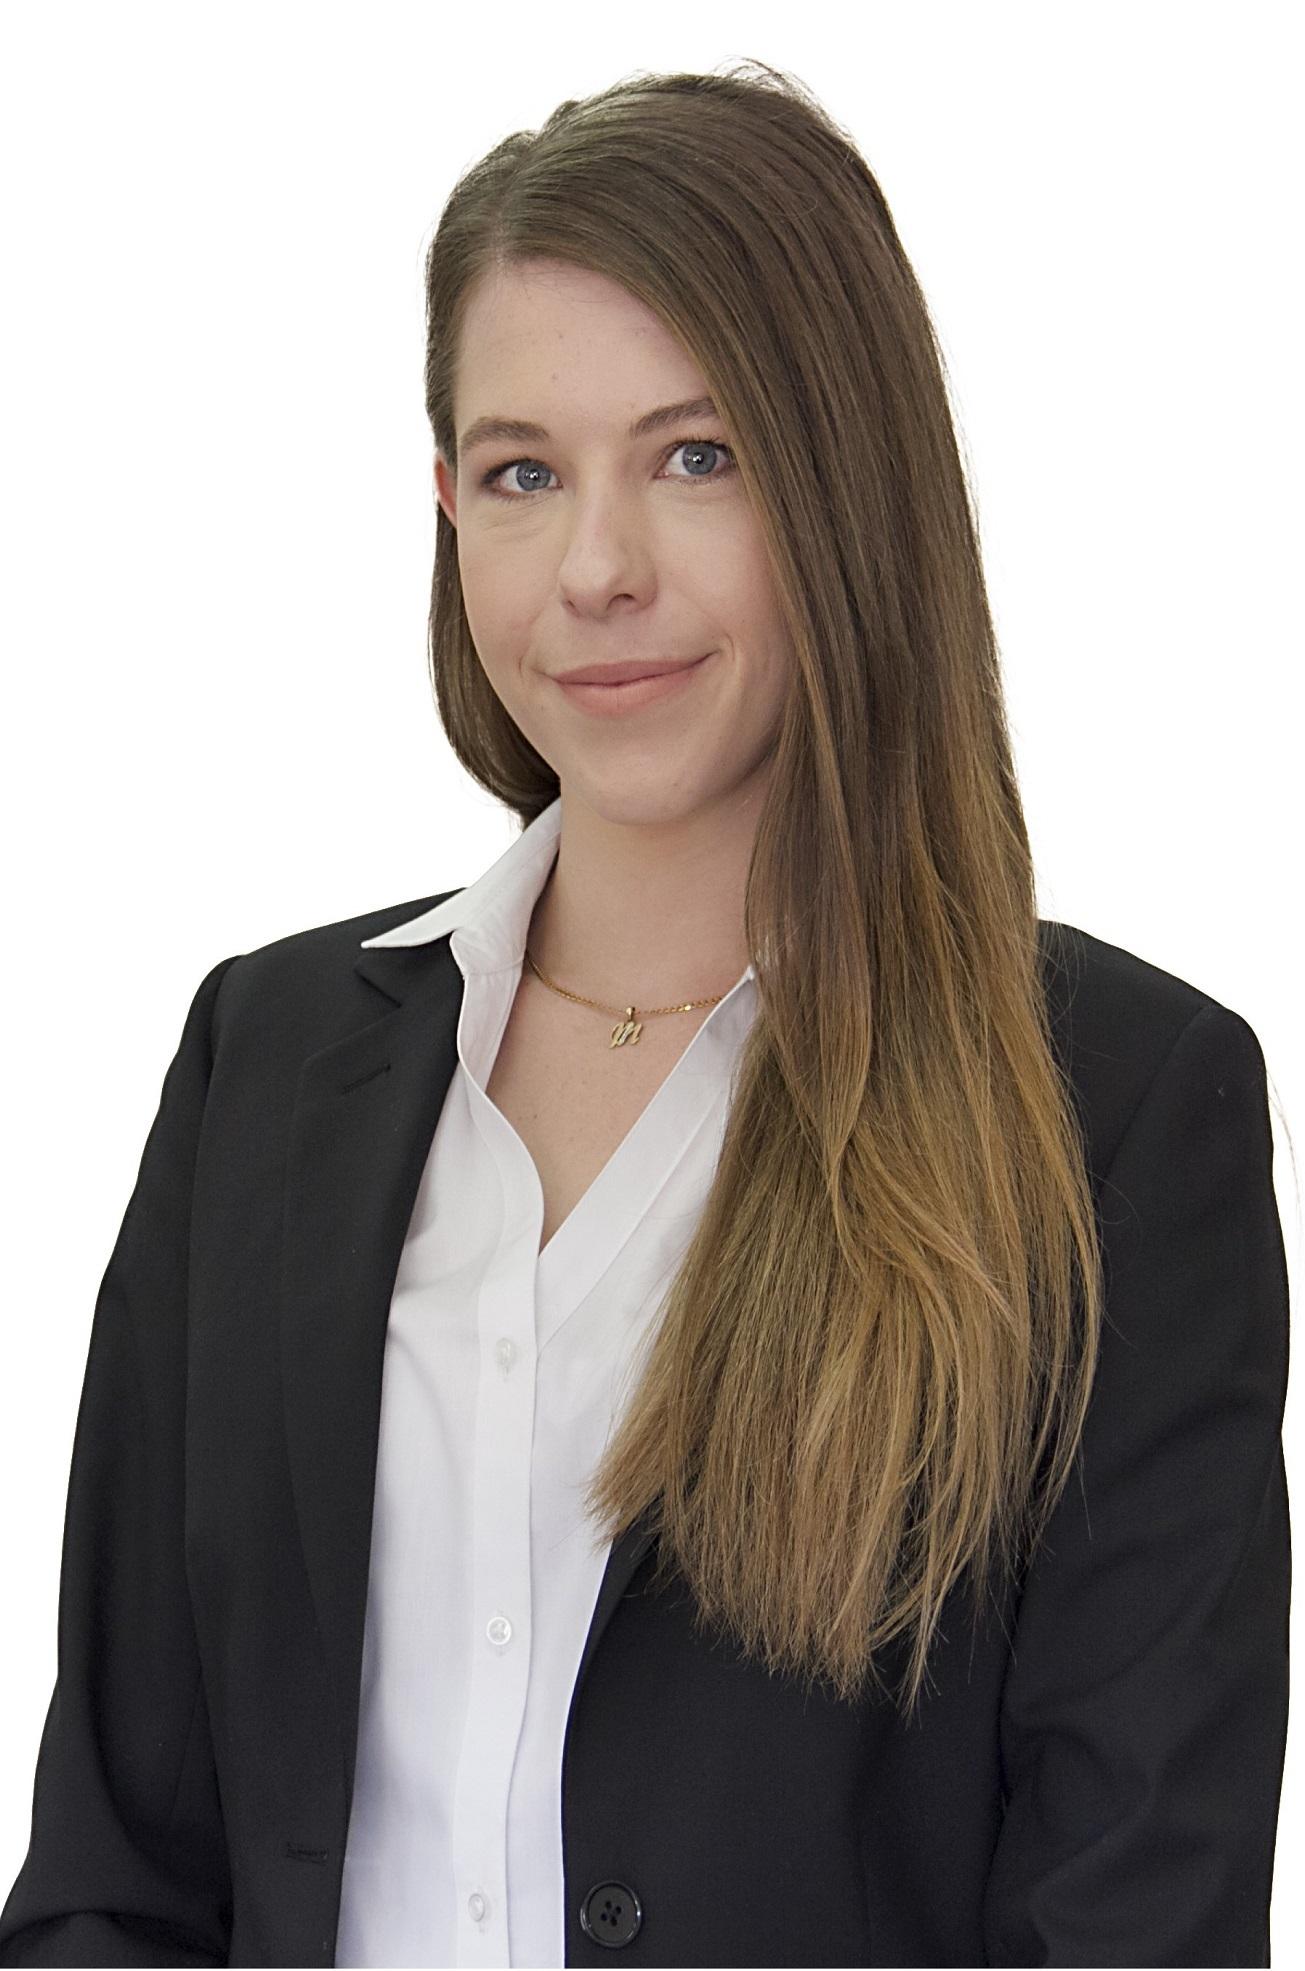 Jennifer Rosannah